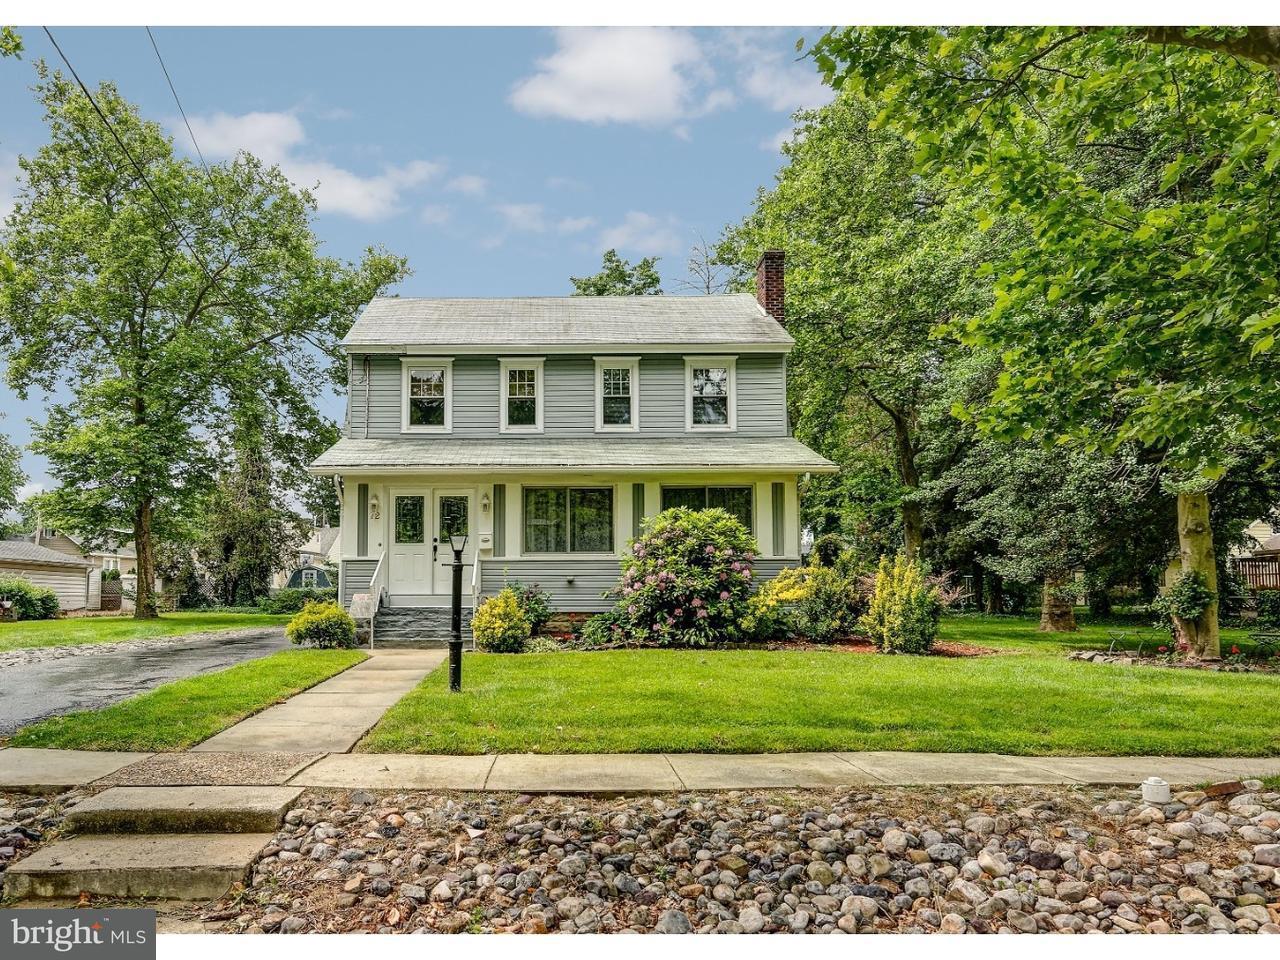 独户住宅 为 销售 在 72 KENDALL BLVD Oaklyn, 新泽西州 08107 美国